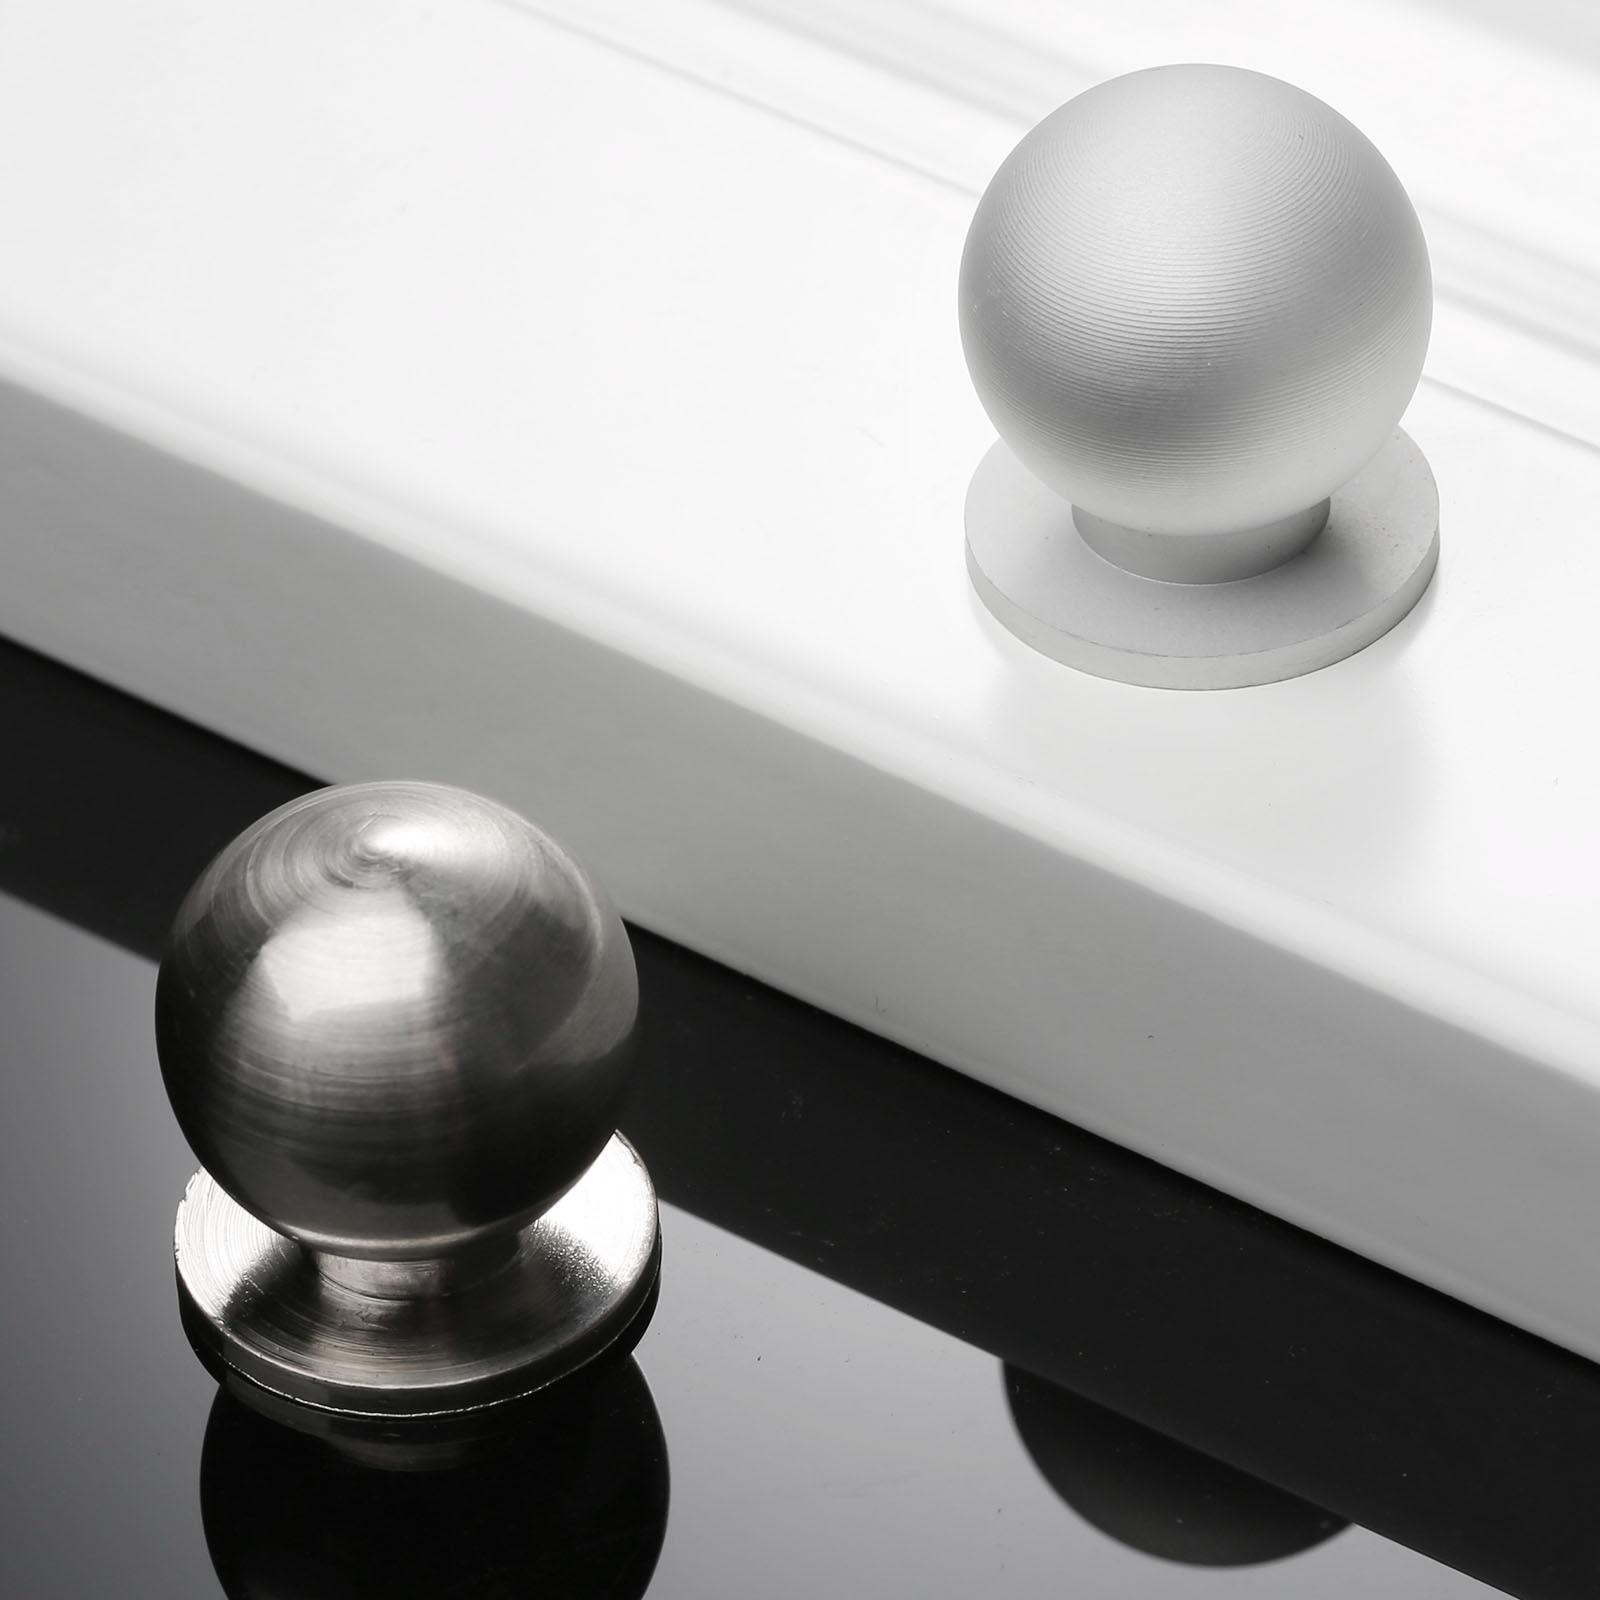 Montaggio Cucina Maniglie-Acquista a poco prezzo Montaggio Cucina ...